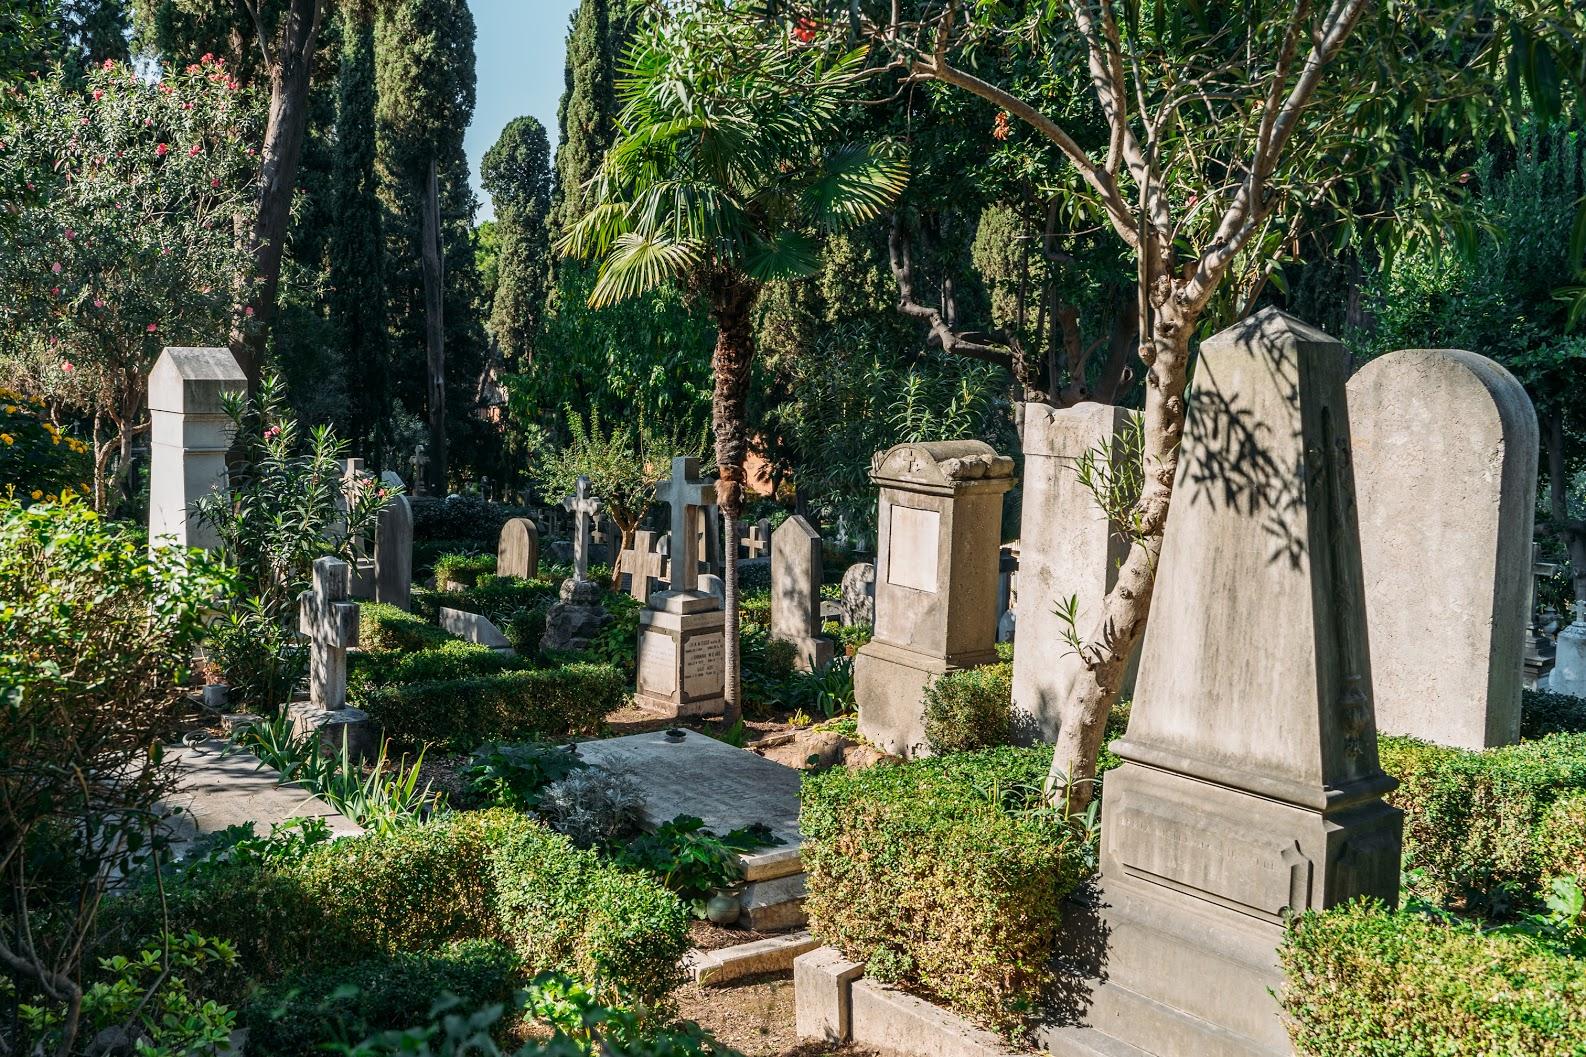 【葬儀】キリスト教のお墓を建てる場合に注意すべき点を解説のサムネイル画像